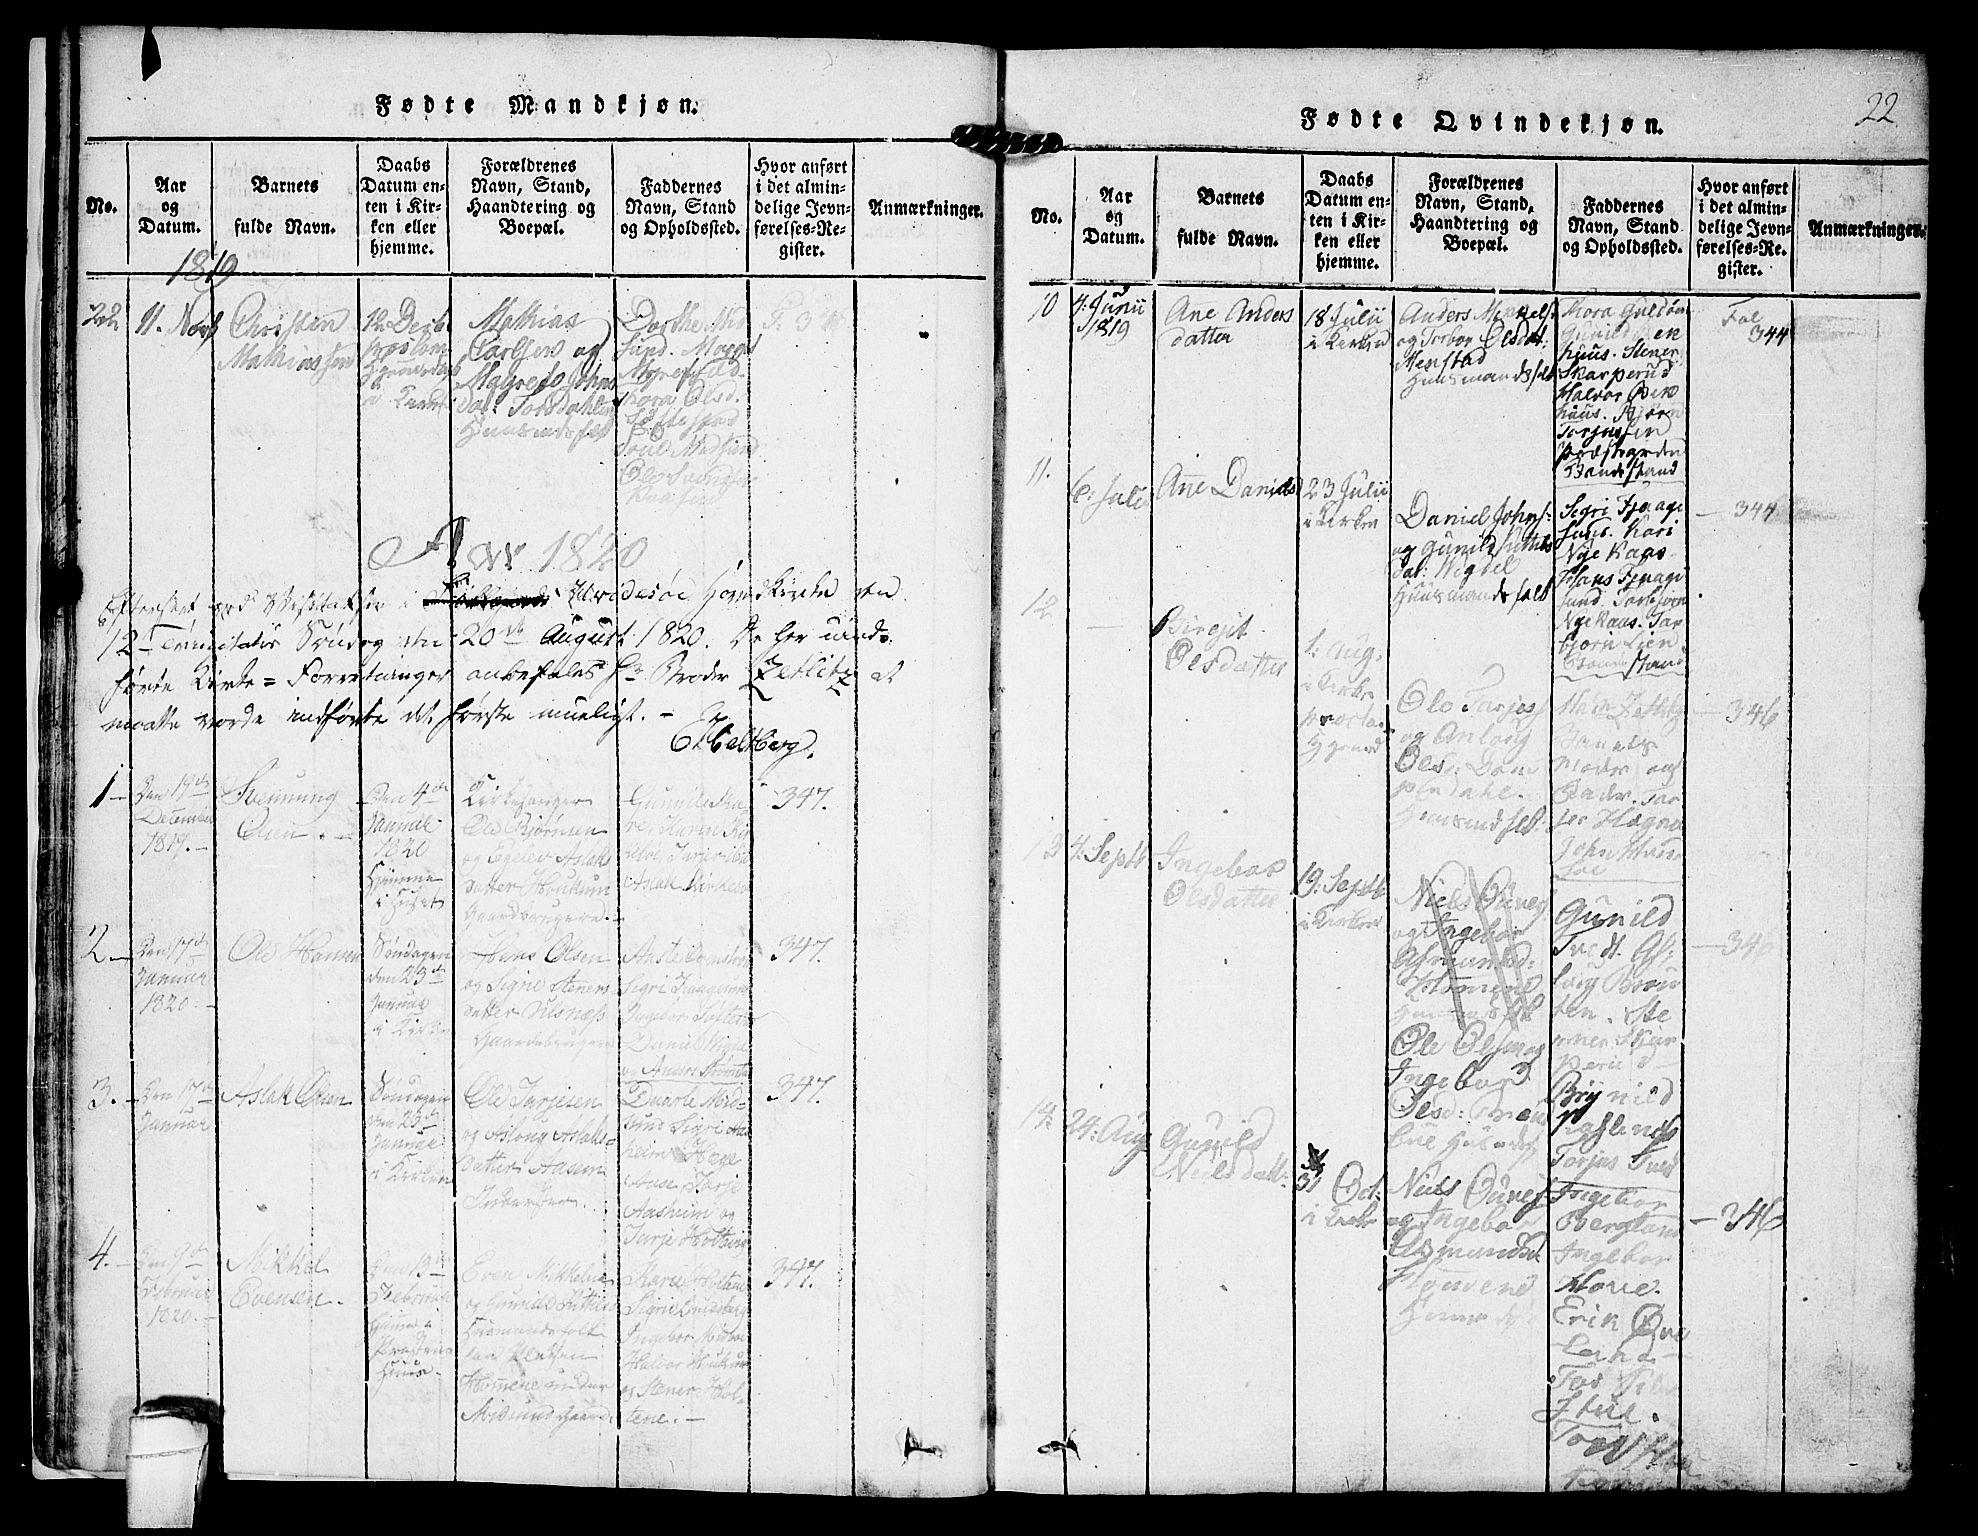 SAKO, Kviteseid kirkebøker, F/Fa/L0005: Ministerialbok nr. I 5, 1815-1836, s. 22